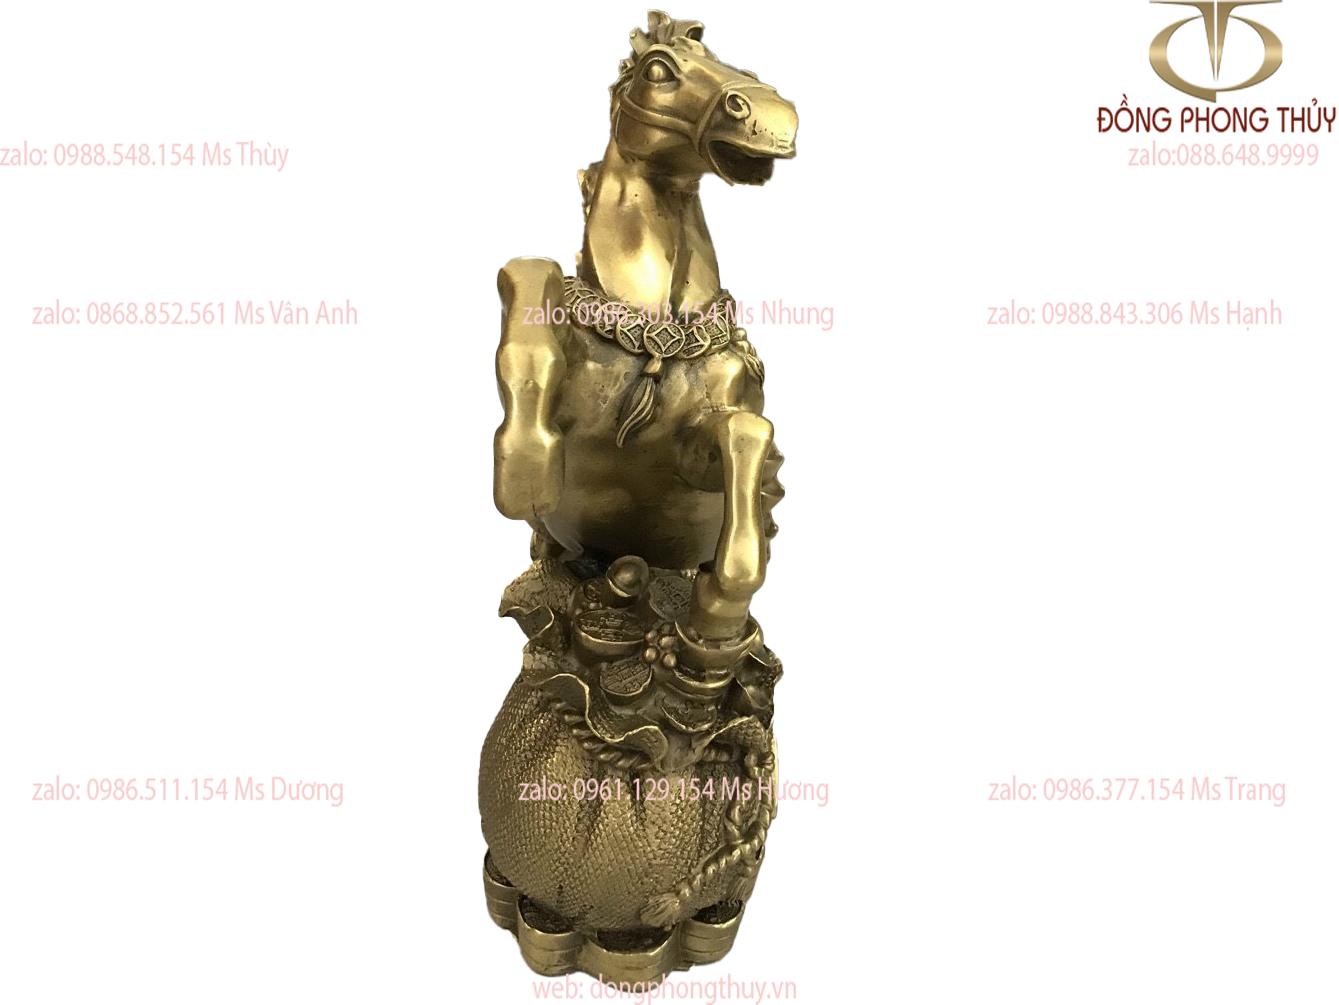 Tượng ngựa hũ vàng bằng đồng cao 31 ngang 25cm nặng 3,2kg